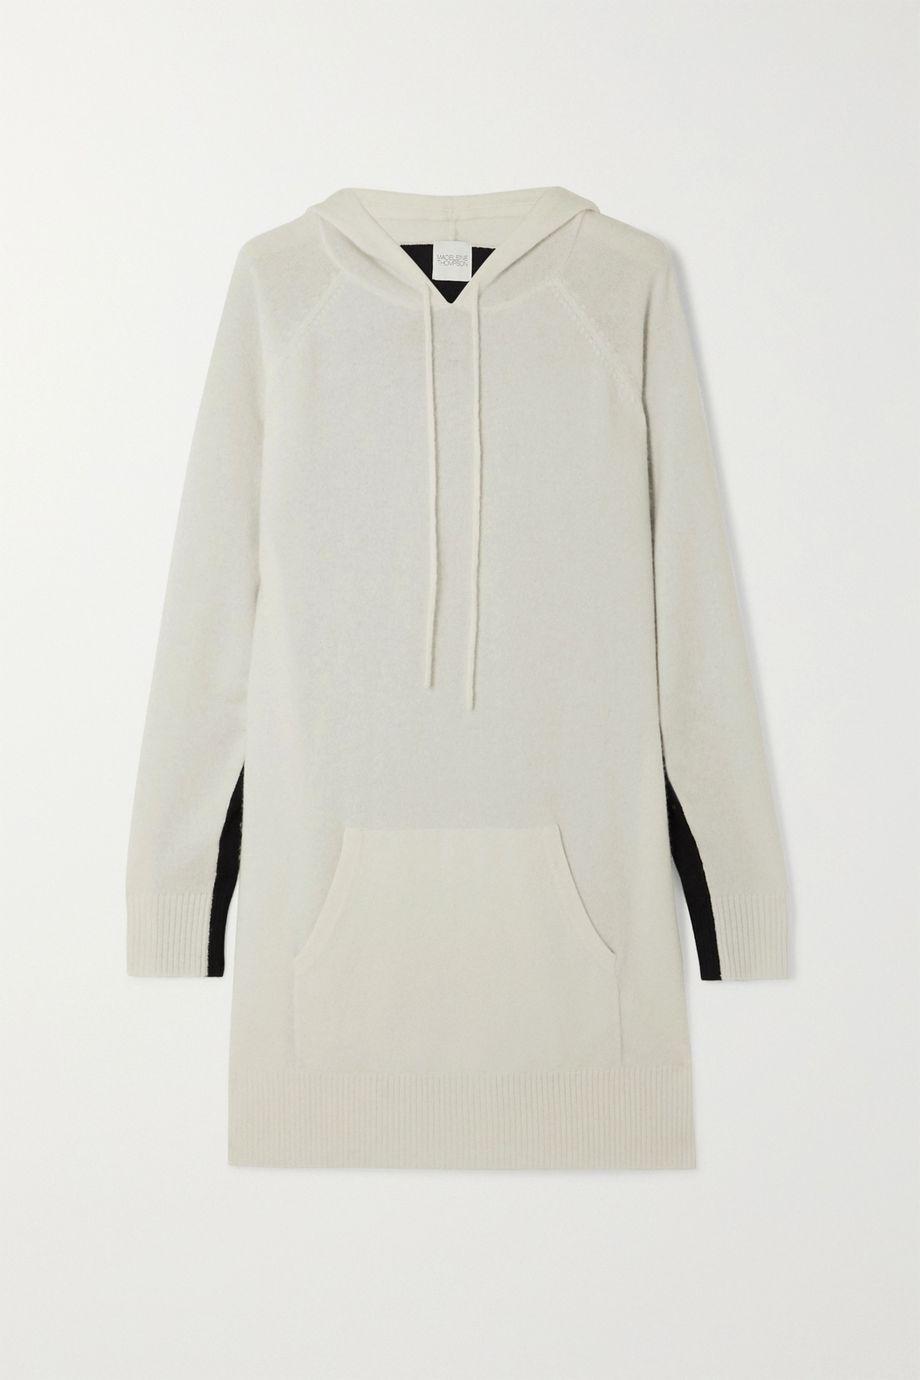 Madeleine Thompson Attis two-tone cashmere hoodie